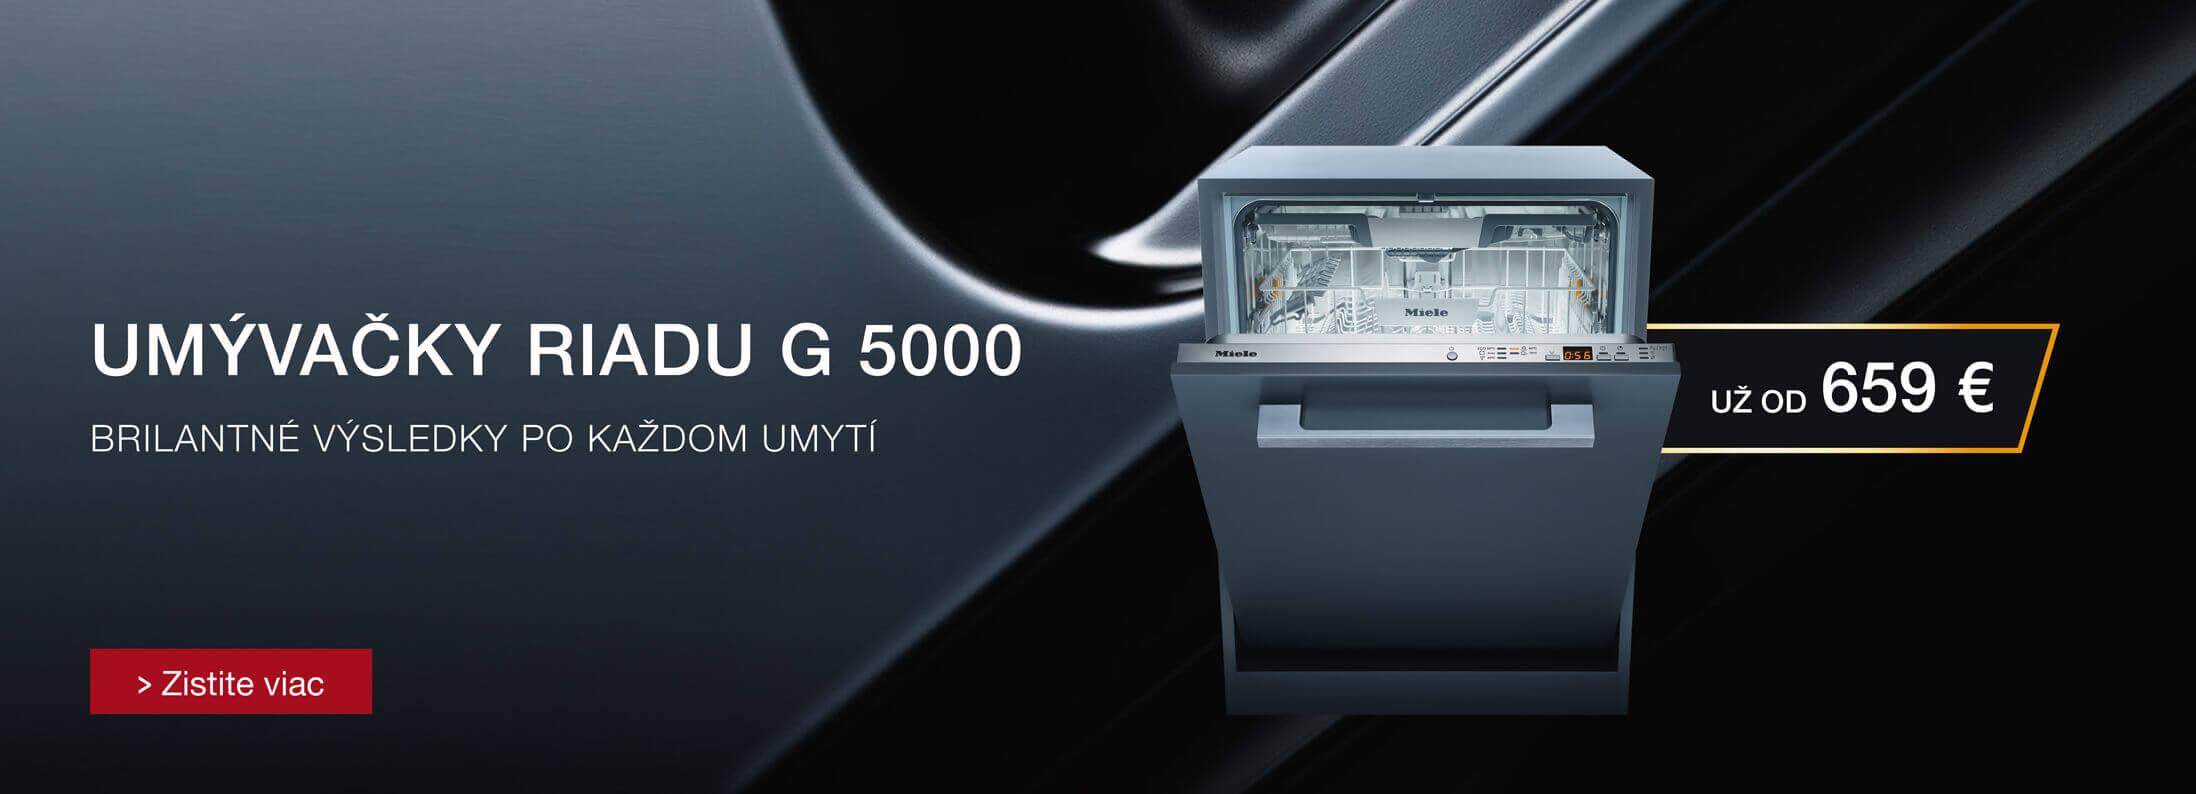 Miele - Umývačky riadu Miele G 5000